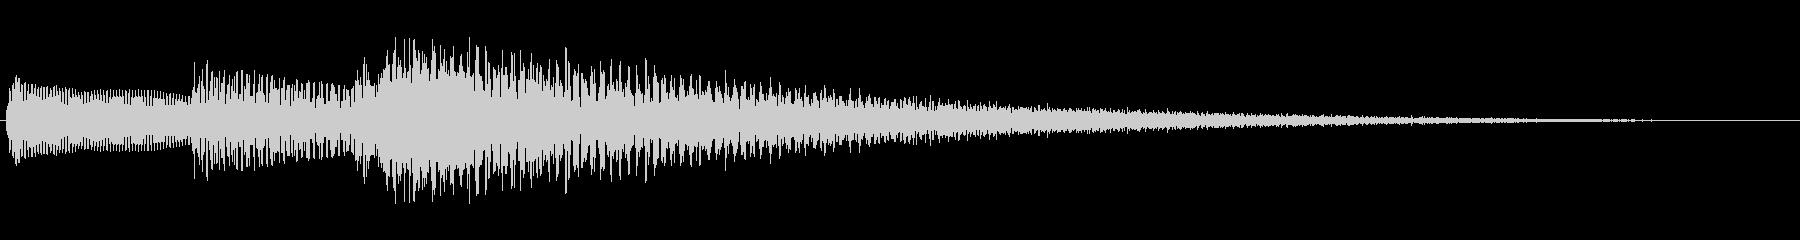 【ピアノ生演奏】安らぐジングルの未再生の波形